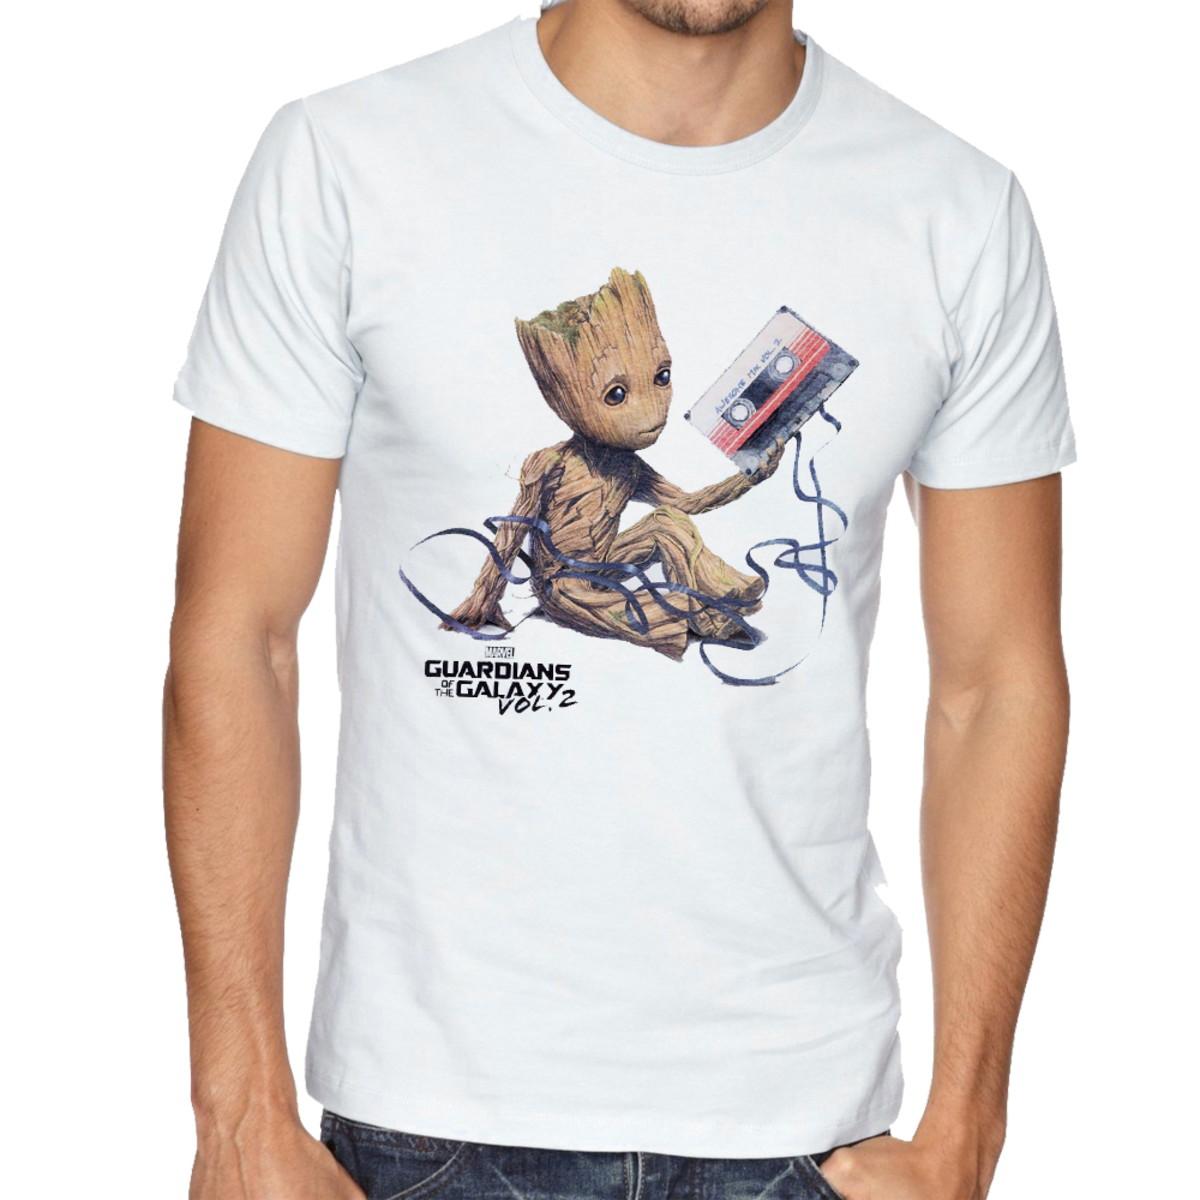 2a2482a81d Camiseta Infantil Blusa Criança Guardiões Galáxia Groot fita no Elo7 ...